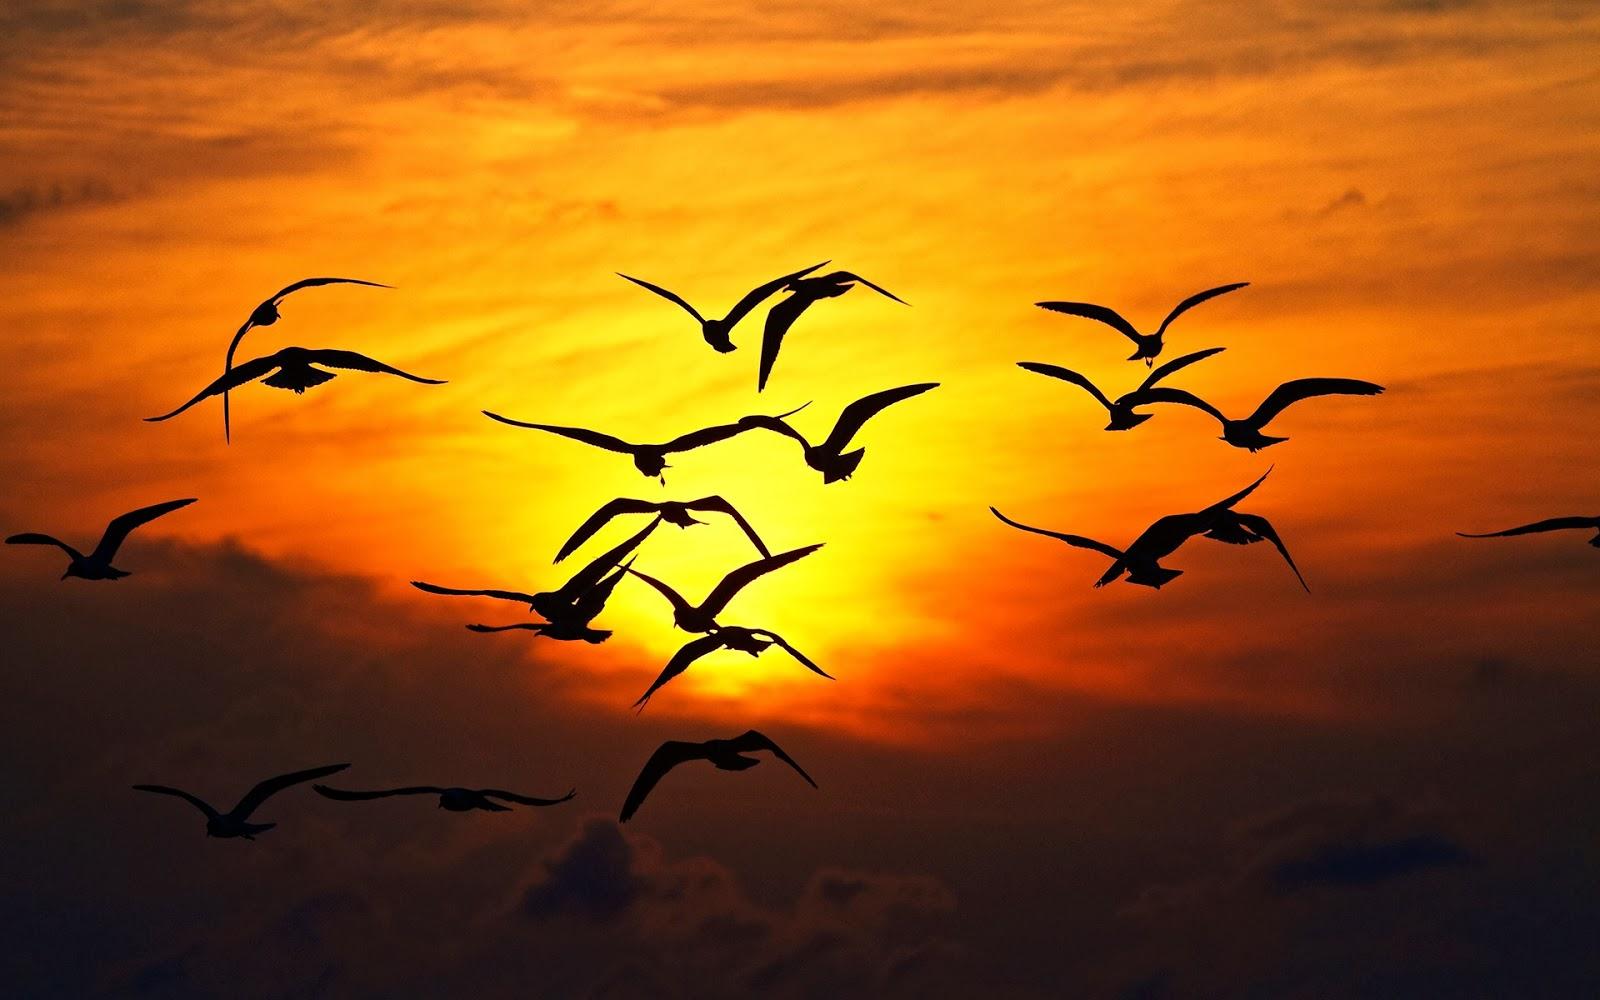 صورة صور غروب الشمس , صور غروب رومانسيه جدا